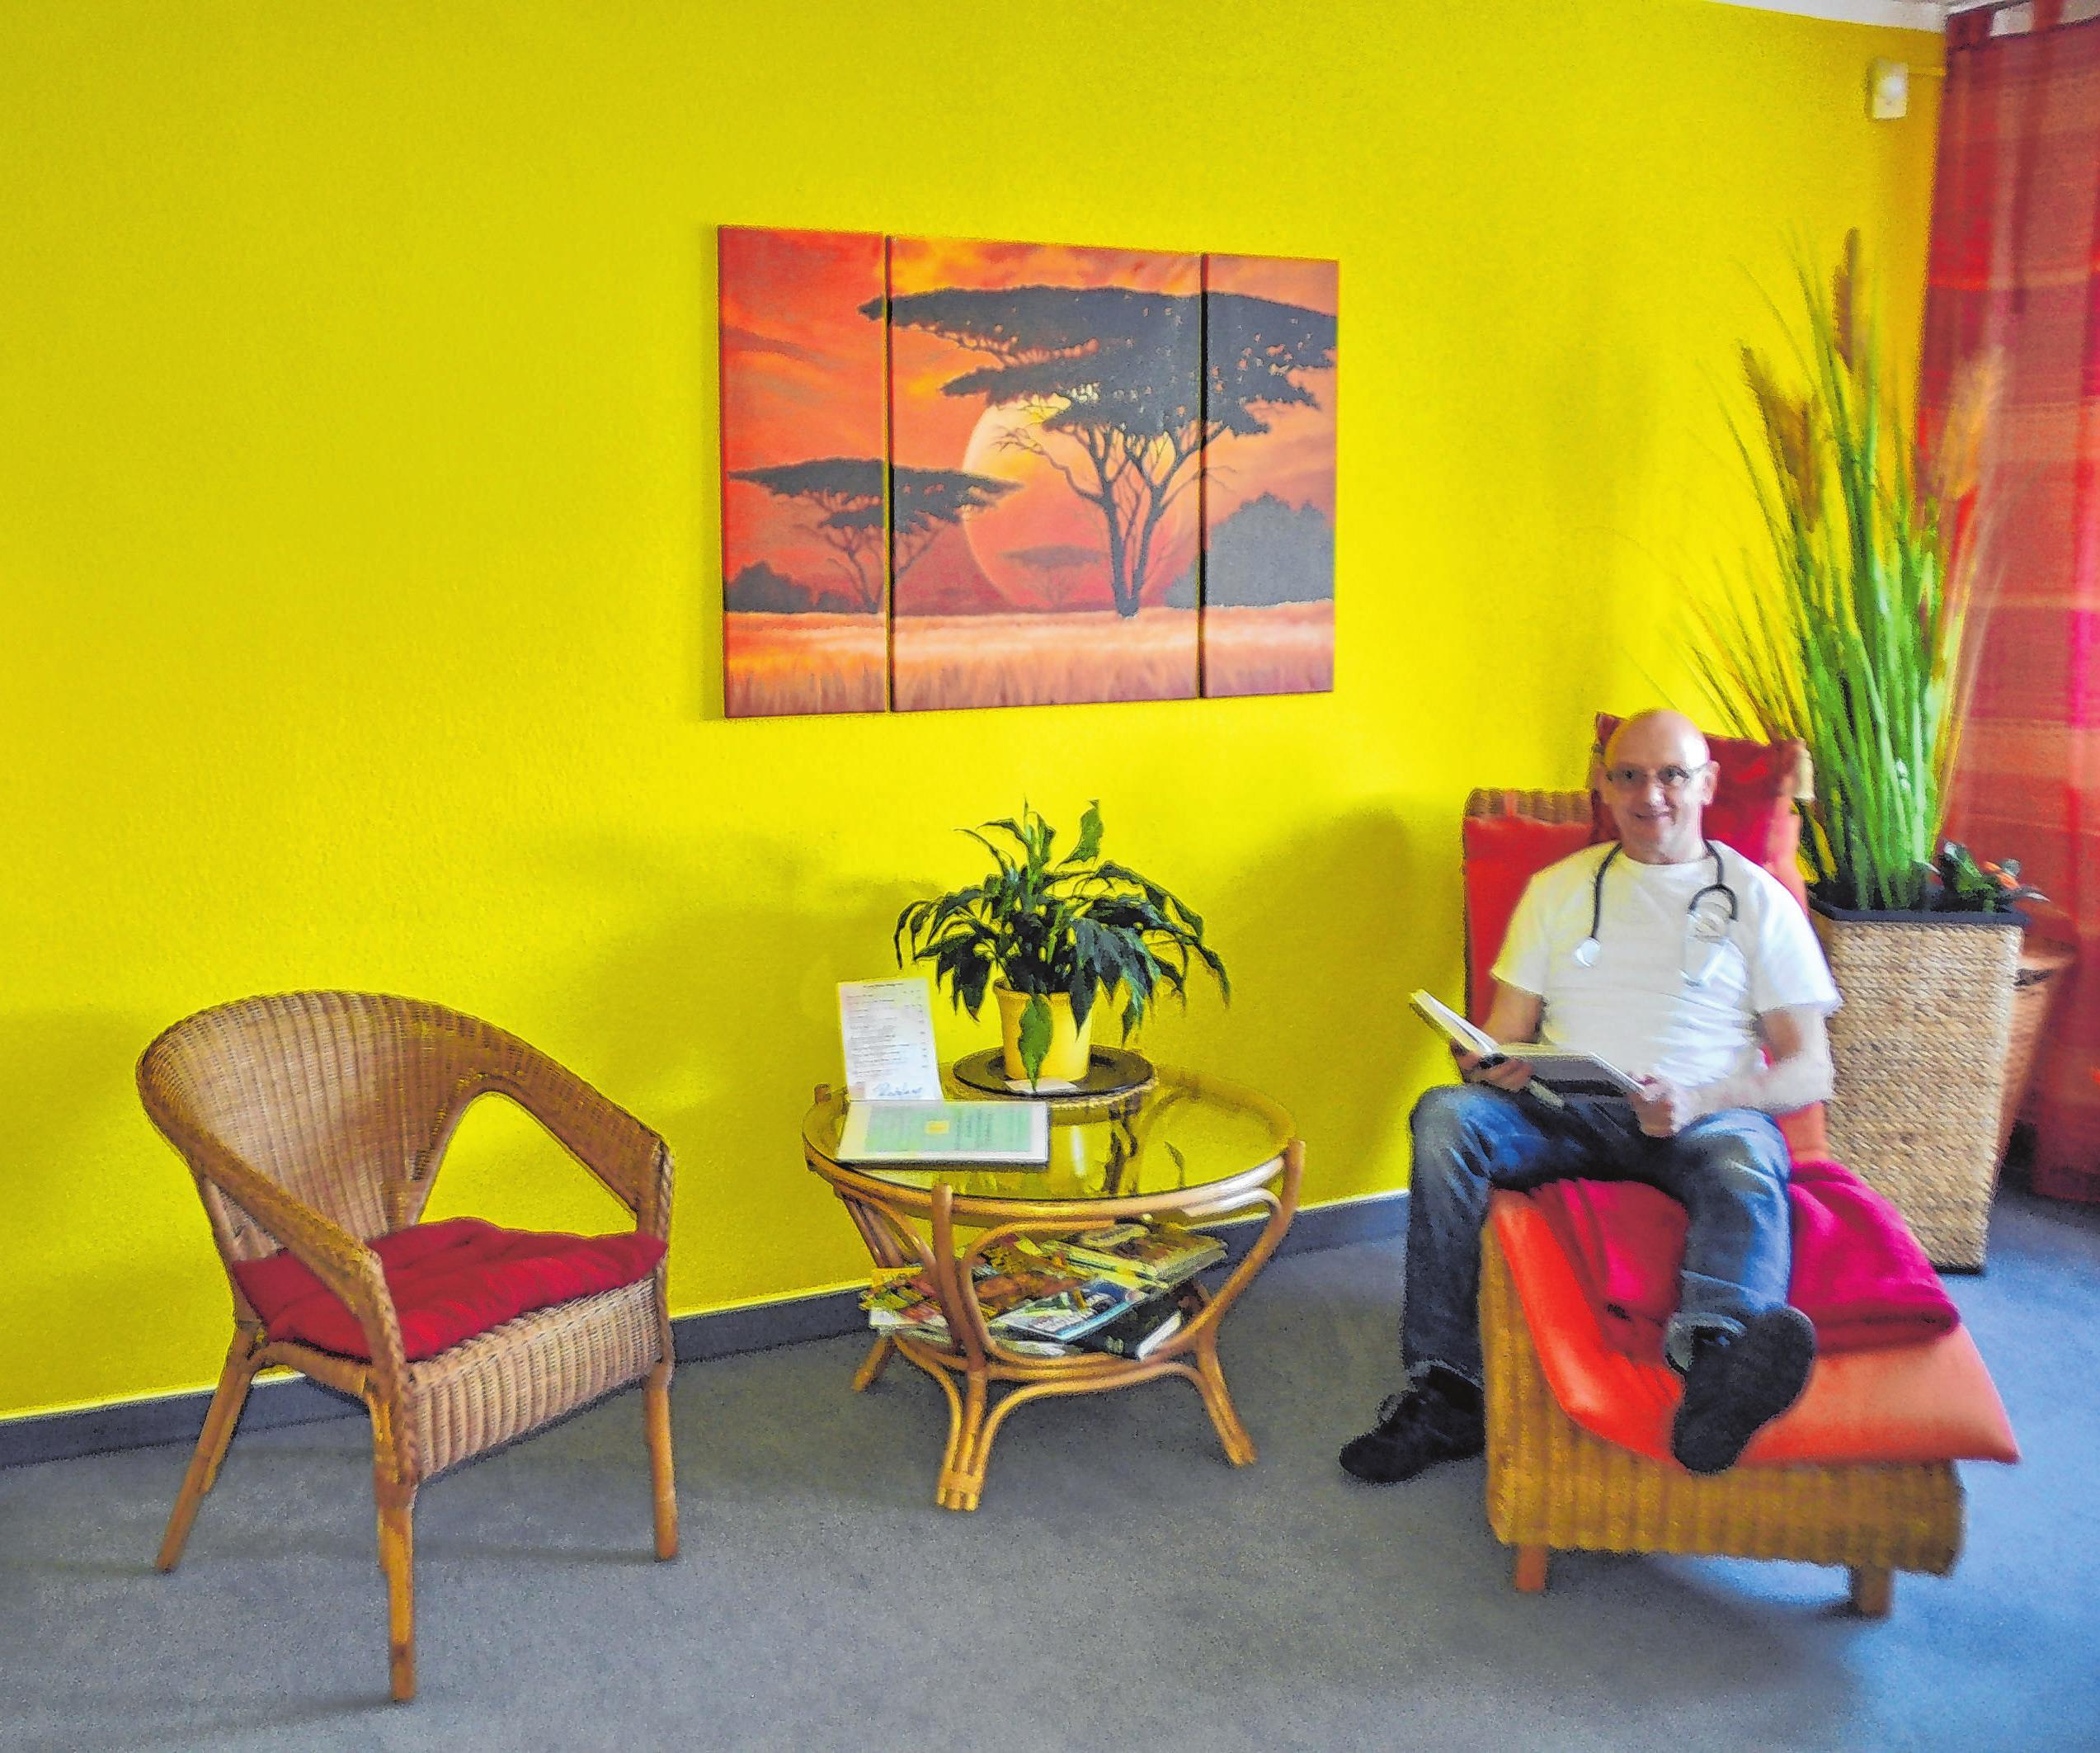 Auf der gemütlichen Liege hat Heilpraktiker Thomas Gruhn nur für das Foto Platz genommen, die Sitzgelegenheit ist natürlich für die Besucher gedacht. Freundliche Farben und passende Ausstattung sorgen für eine Wohlfühlatmosphäre. Fotos: Sabine Uy